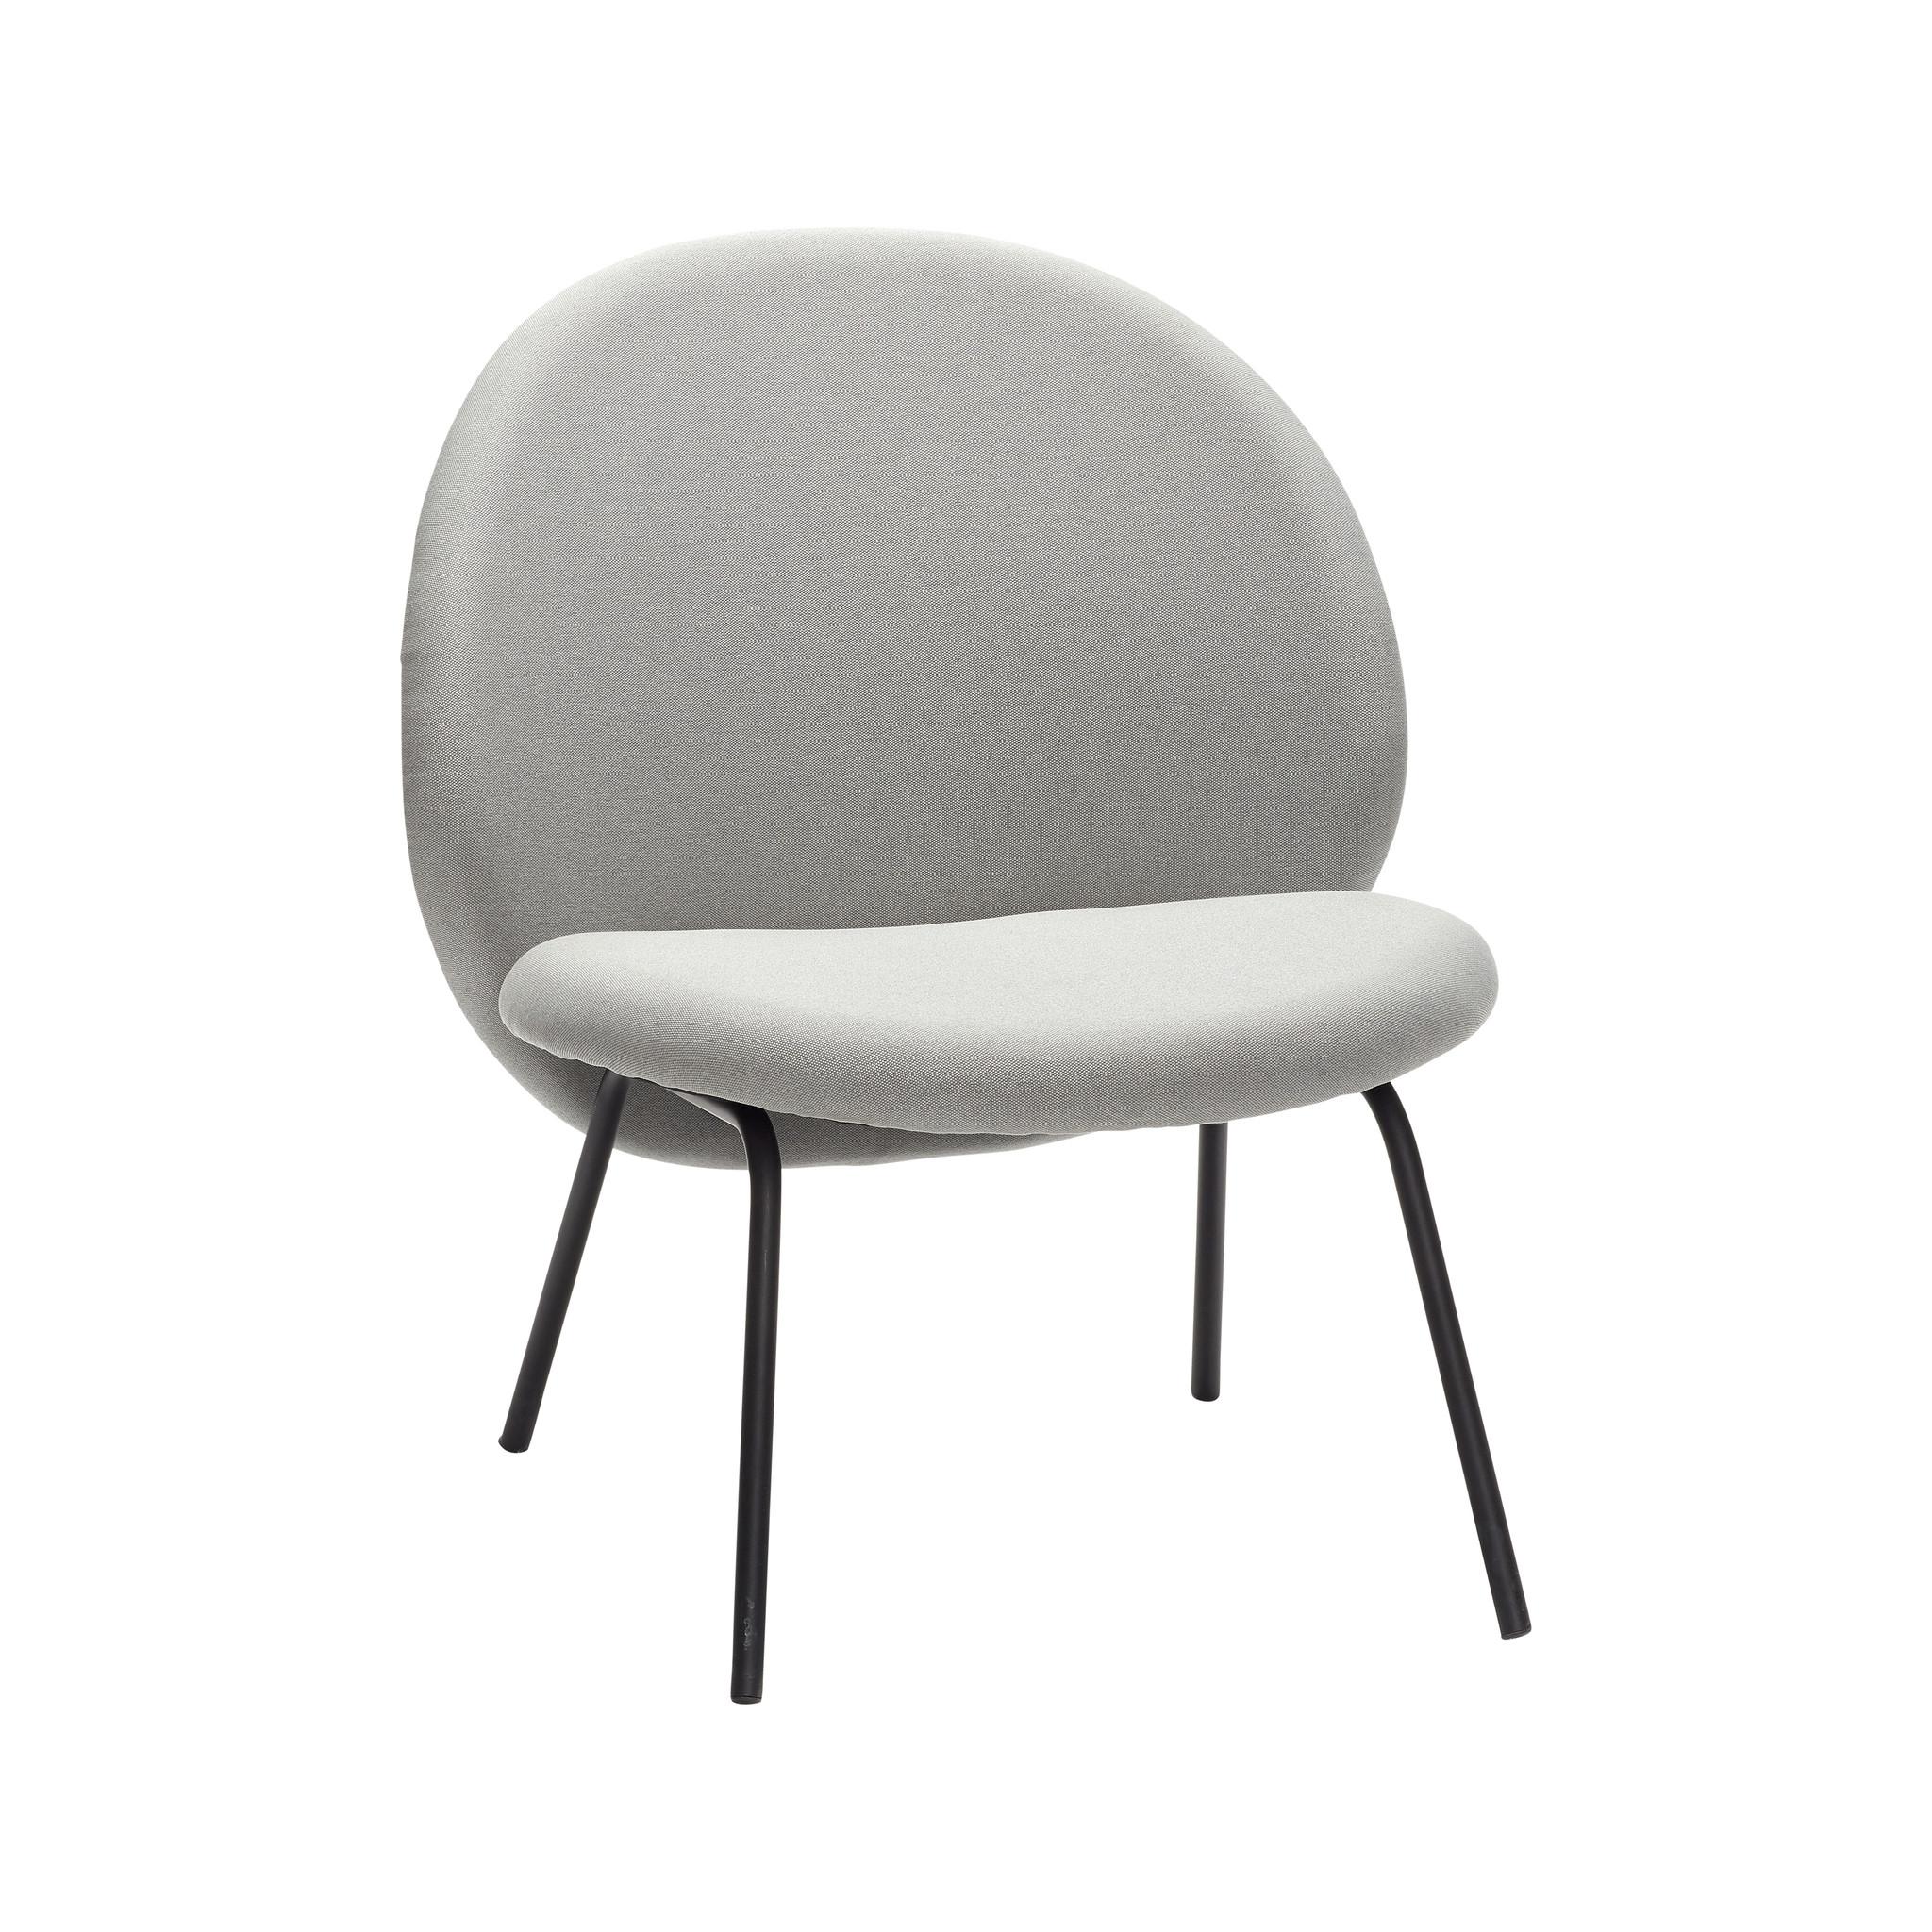 Hubsch Lounge stoel, metalen poten, zwart / grijs-100611-5712772054499